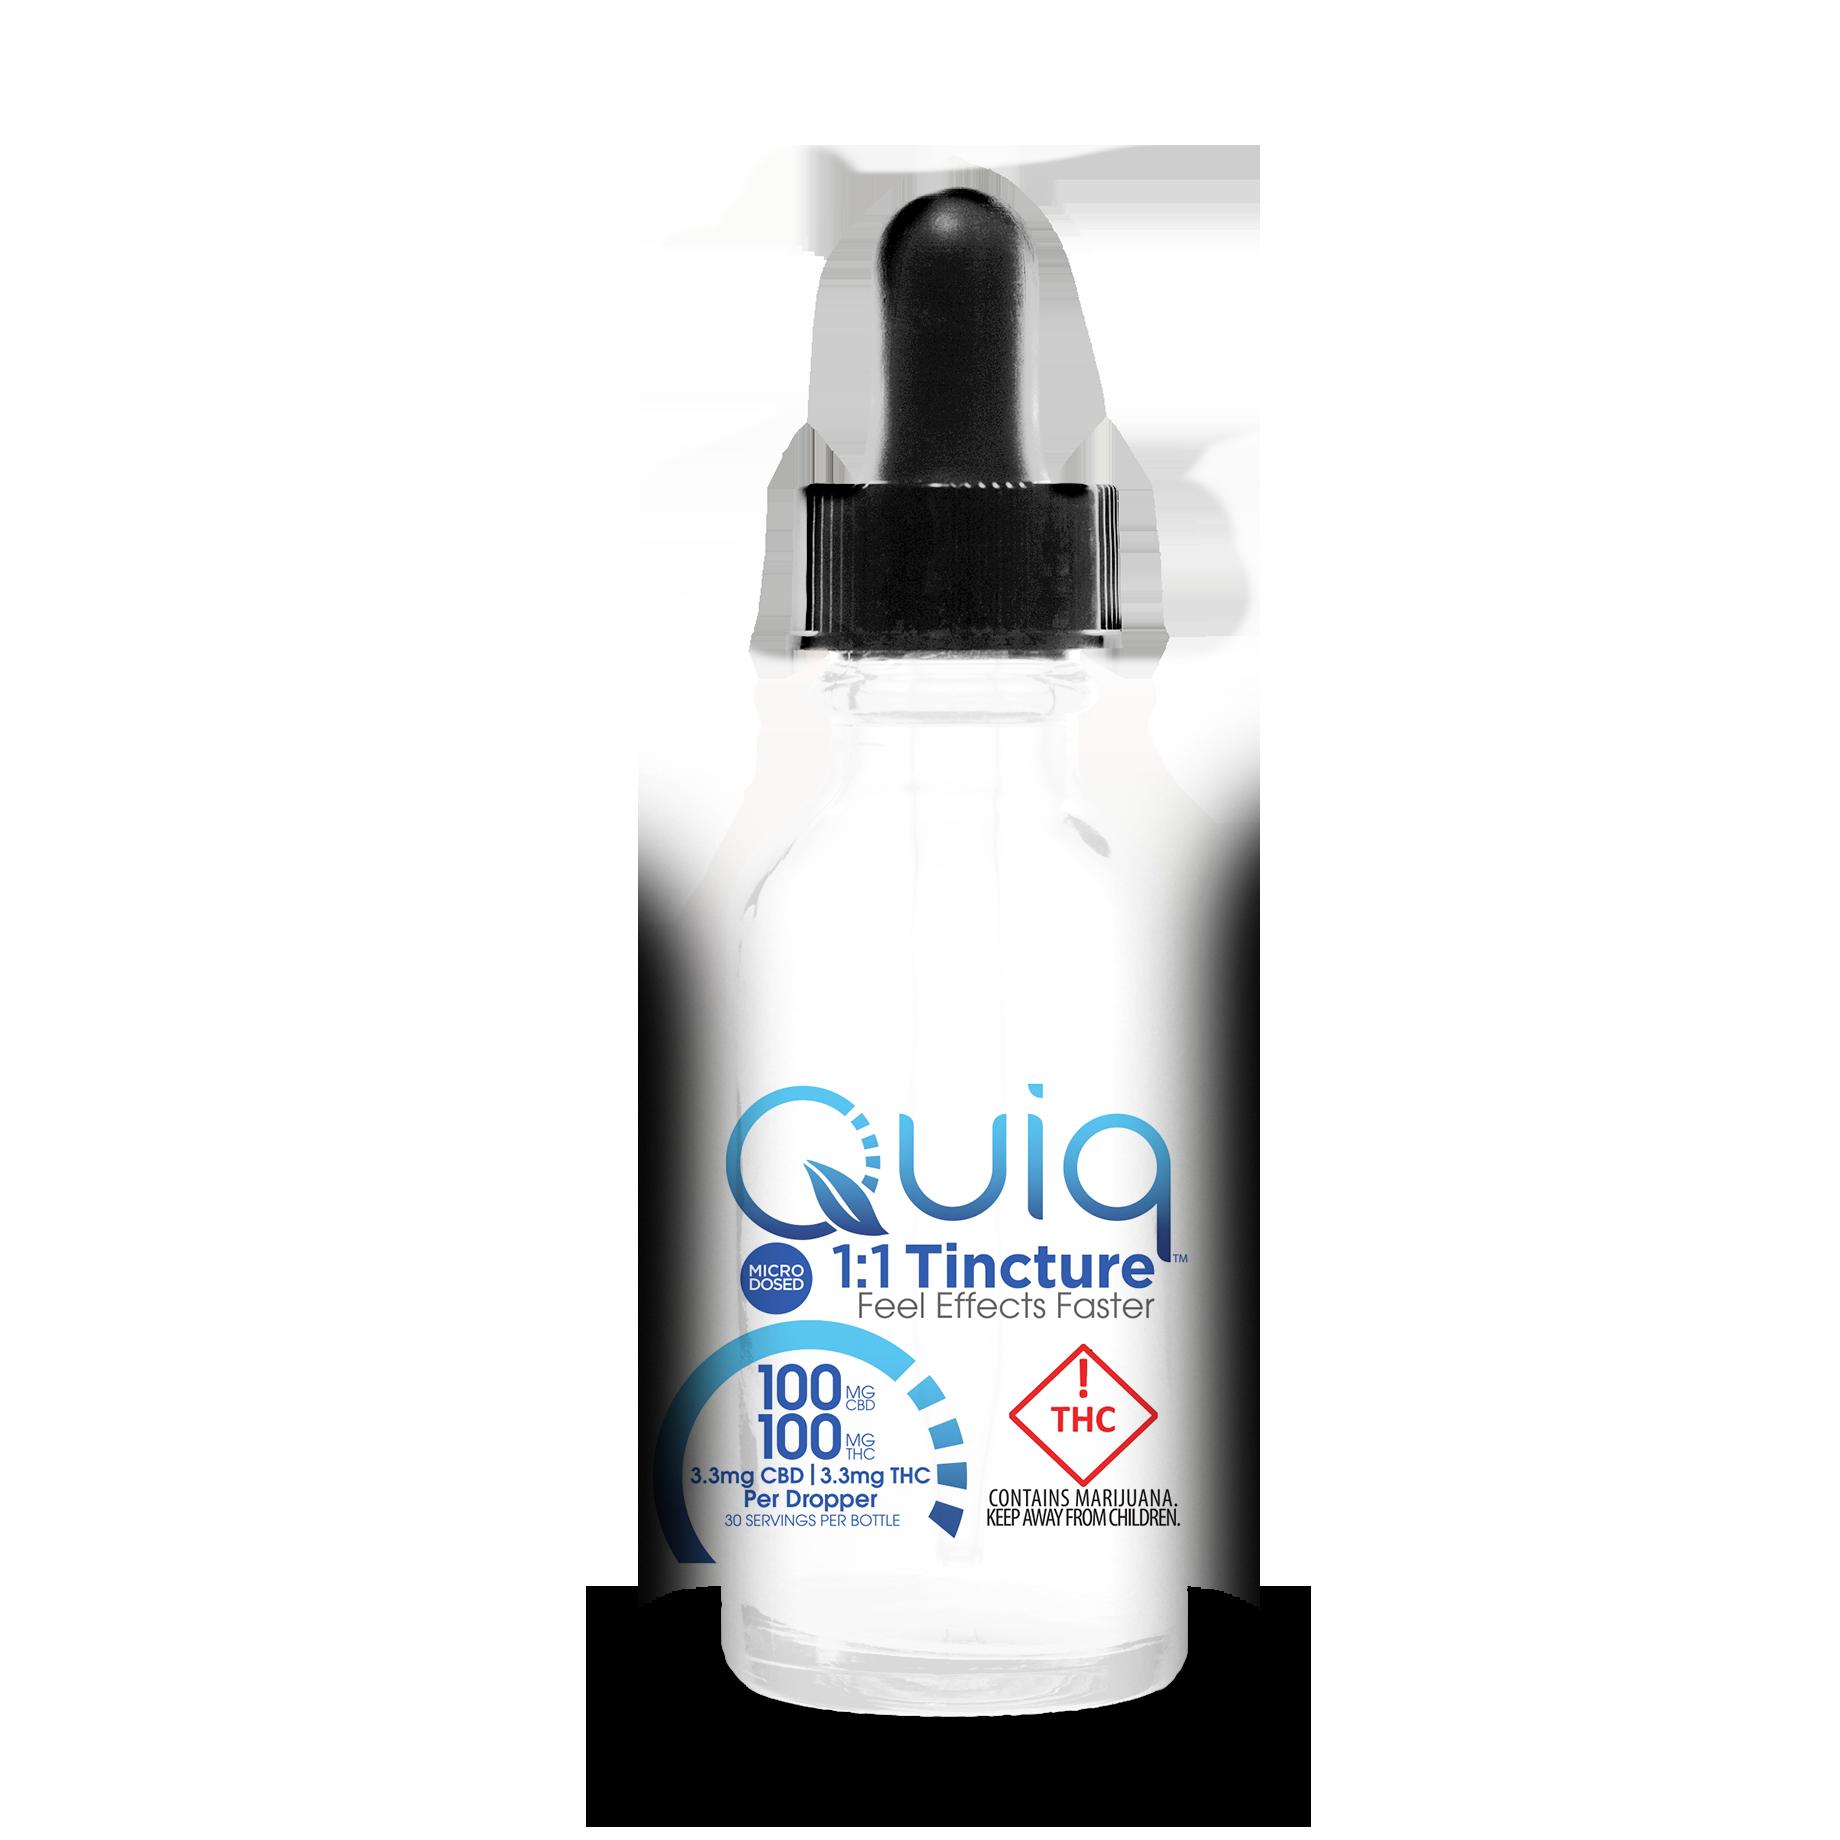 QUIQREC-Tincture-100C100T-RENDERING